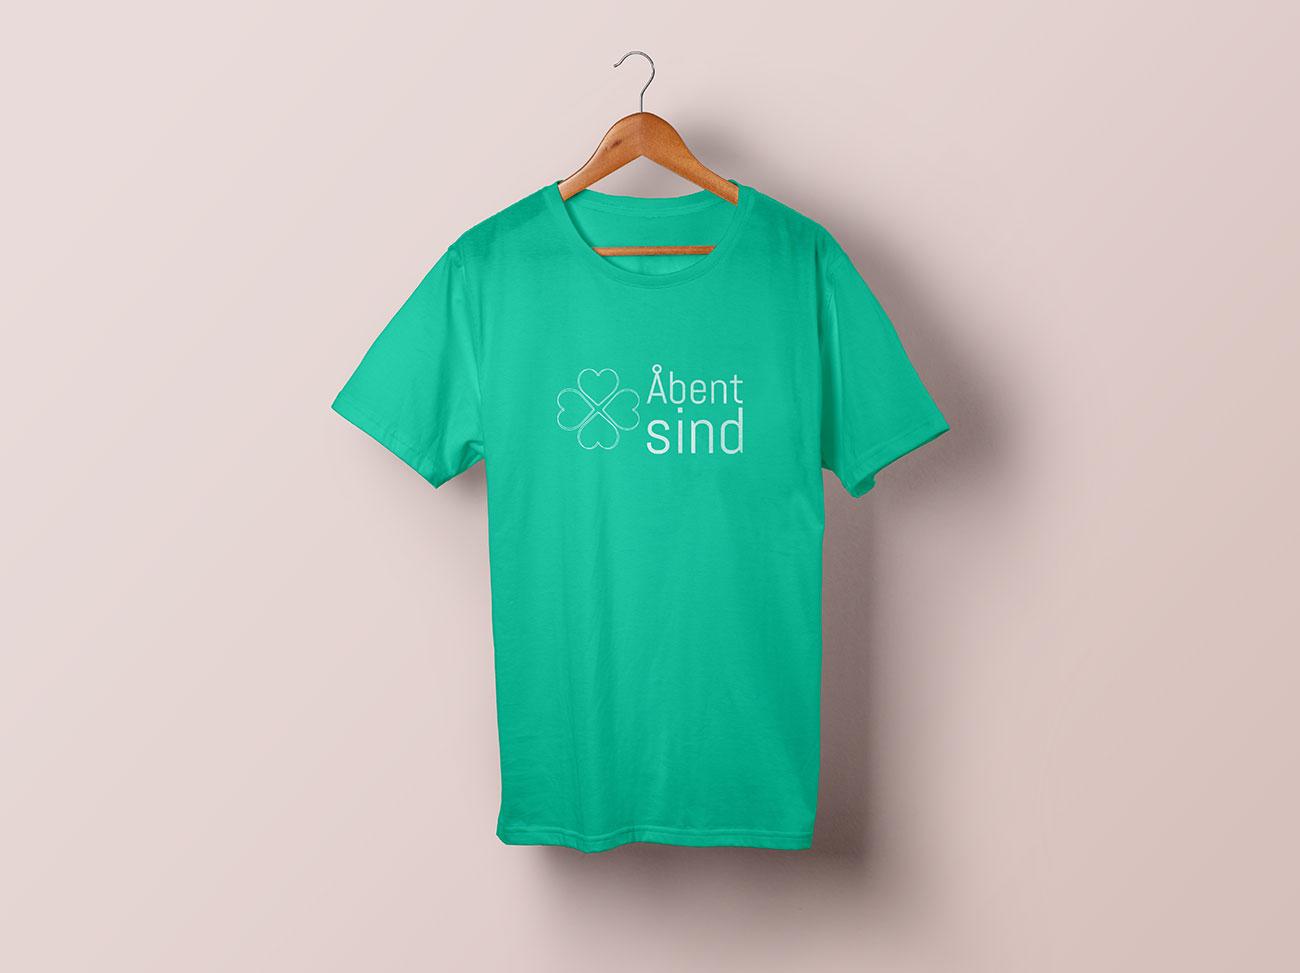 abent-sind-t-shirt-application